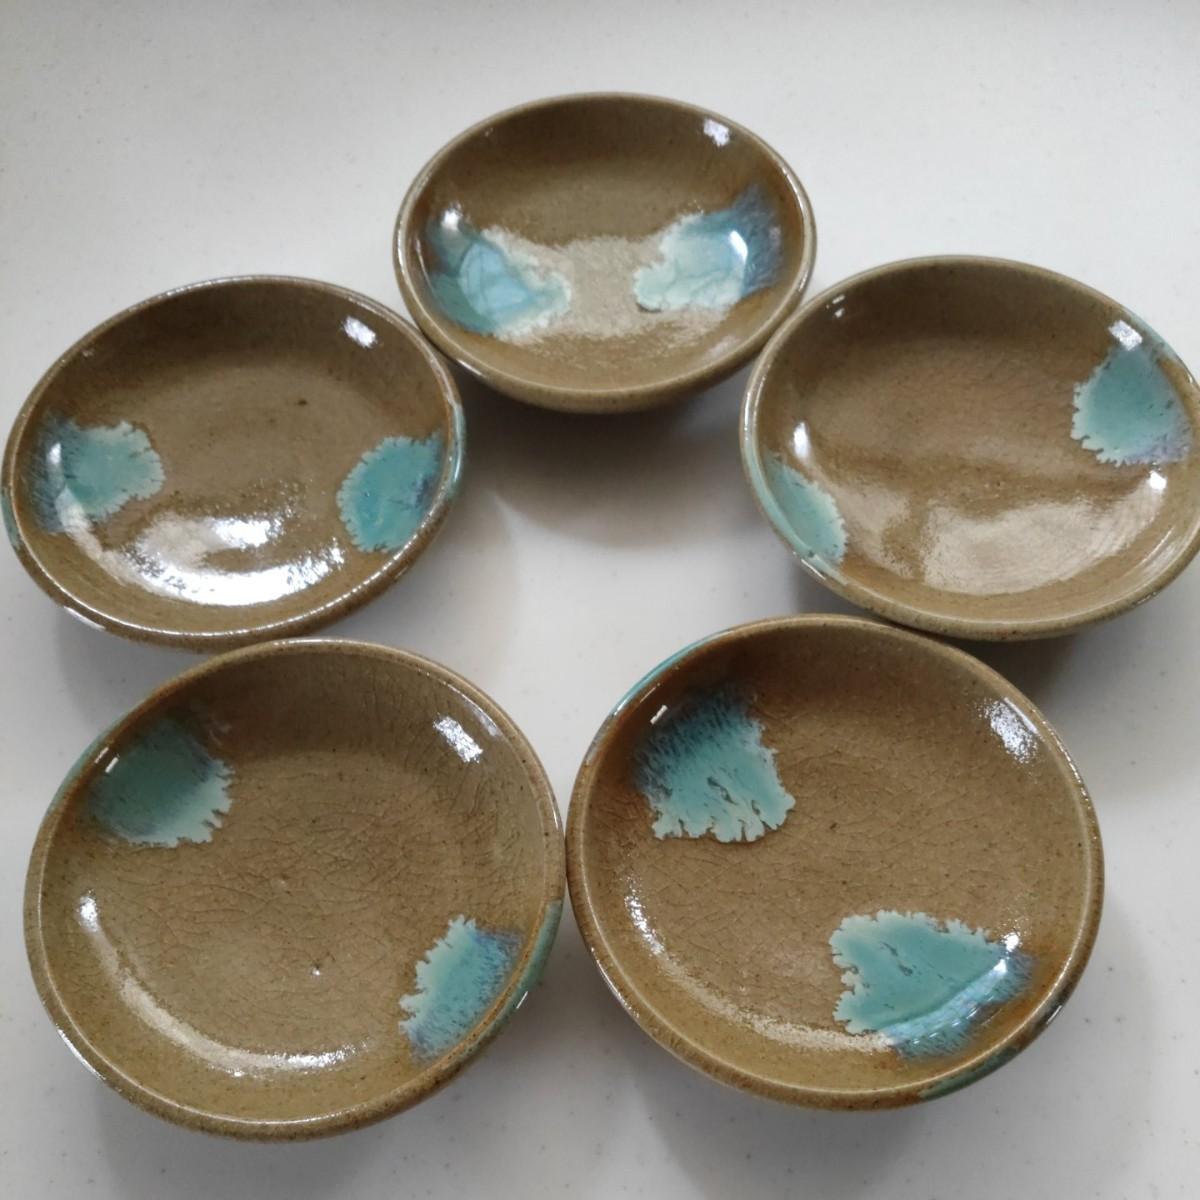 小皿 5枚セット